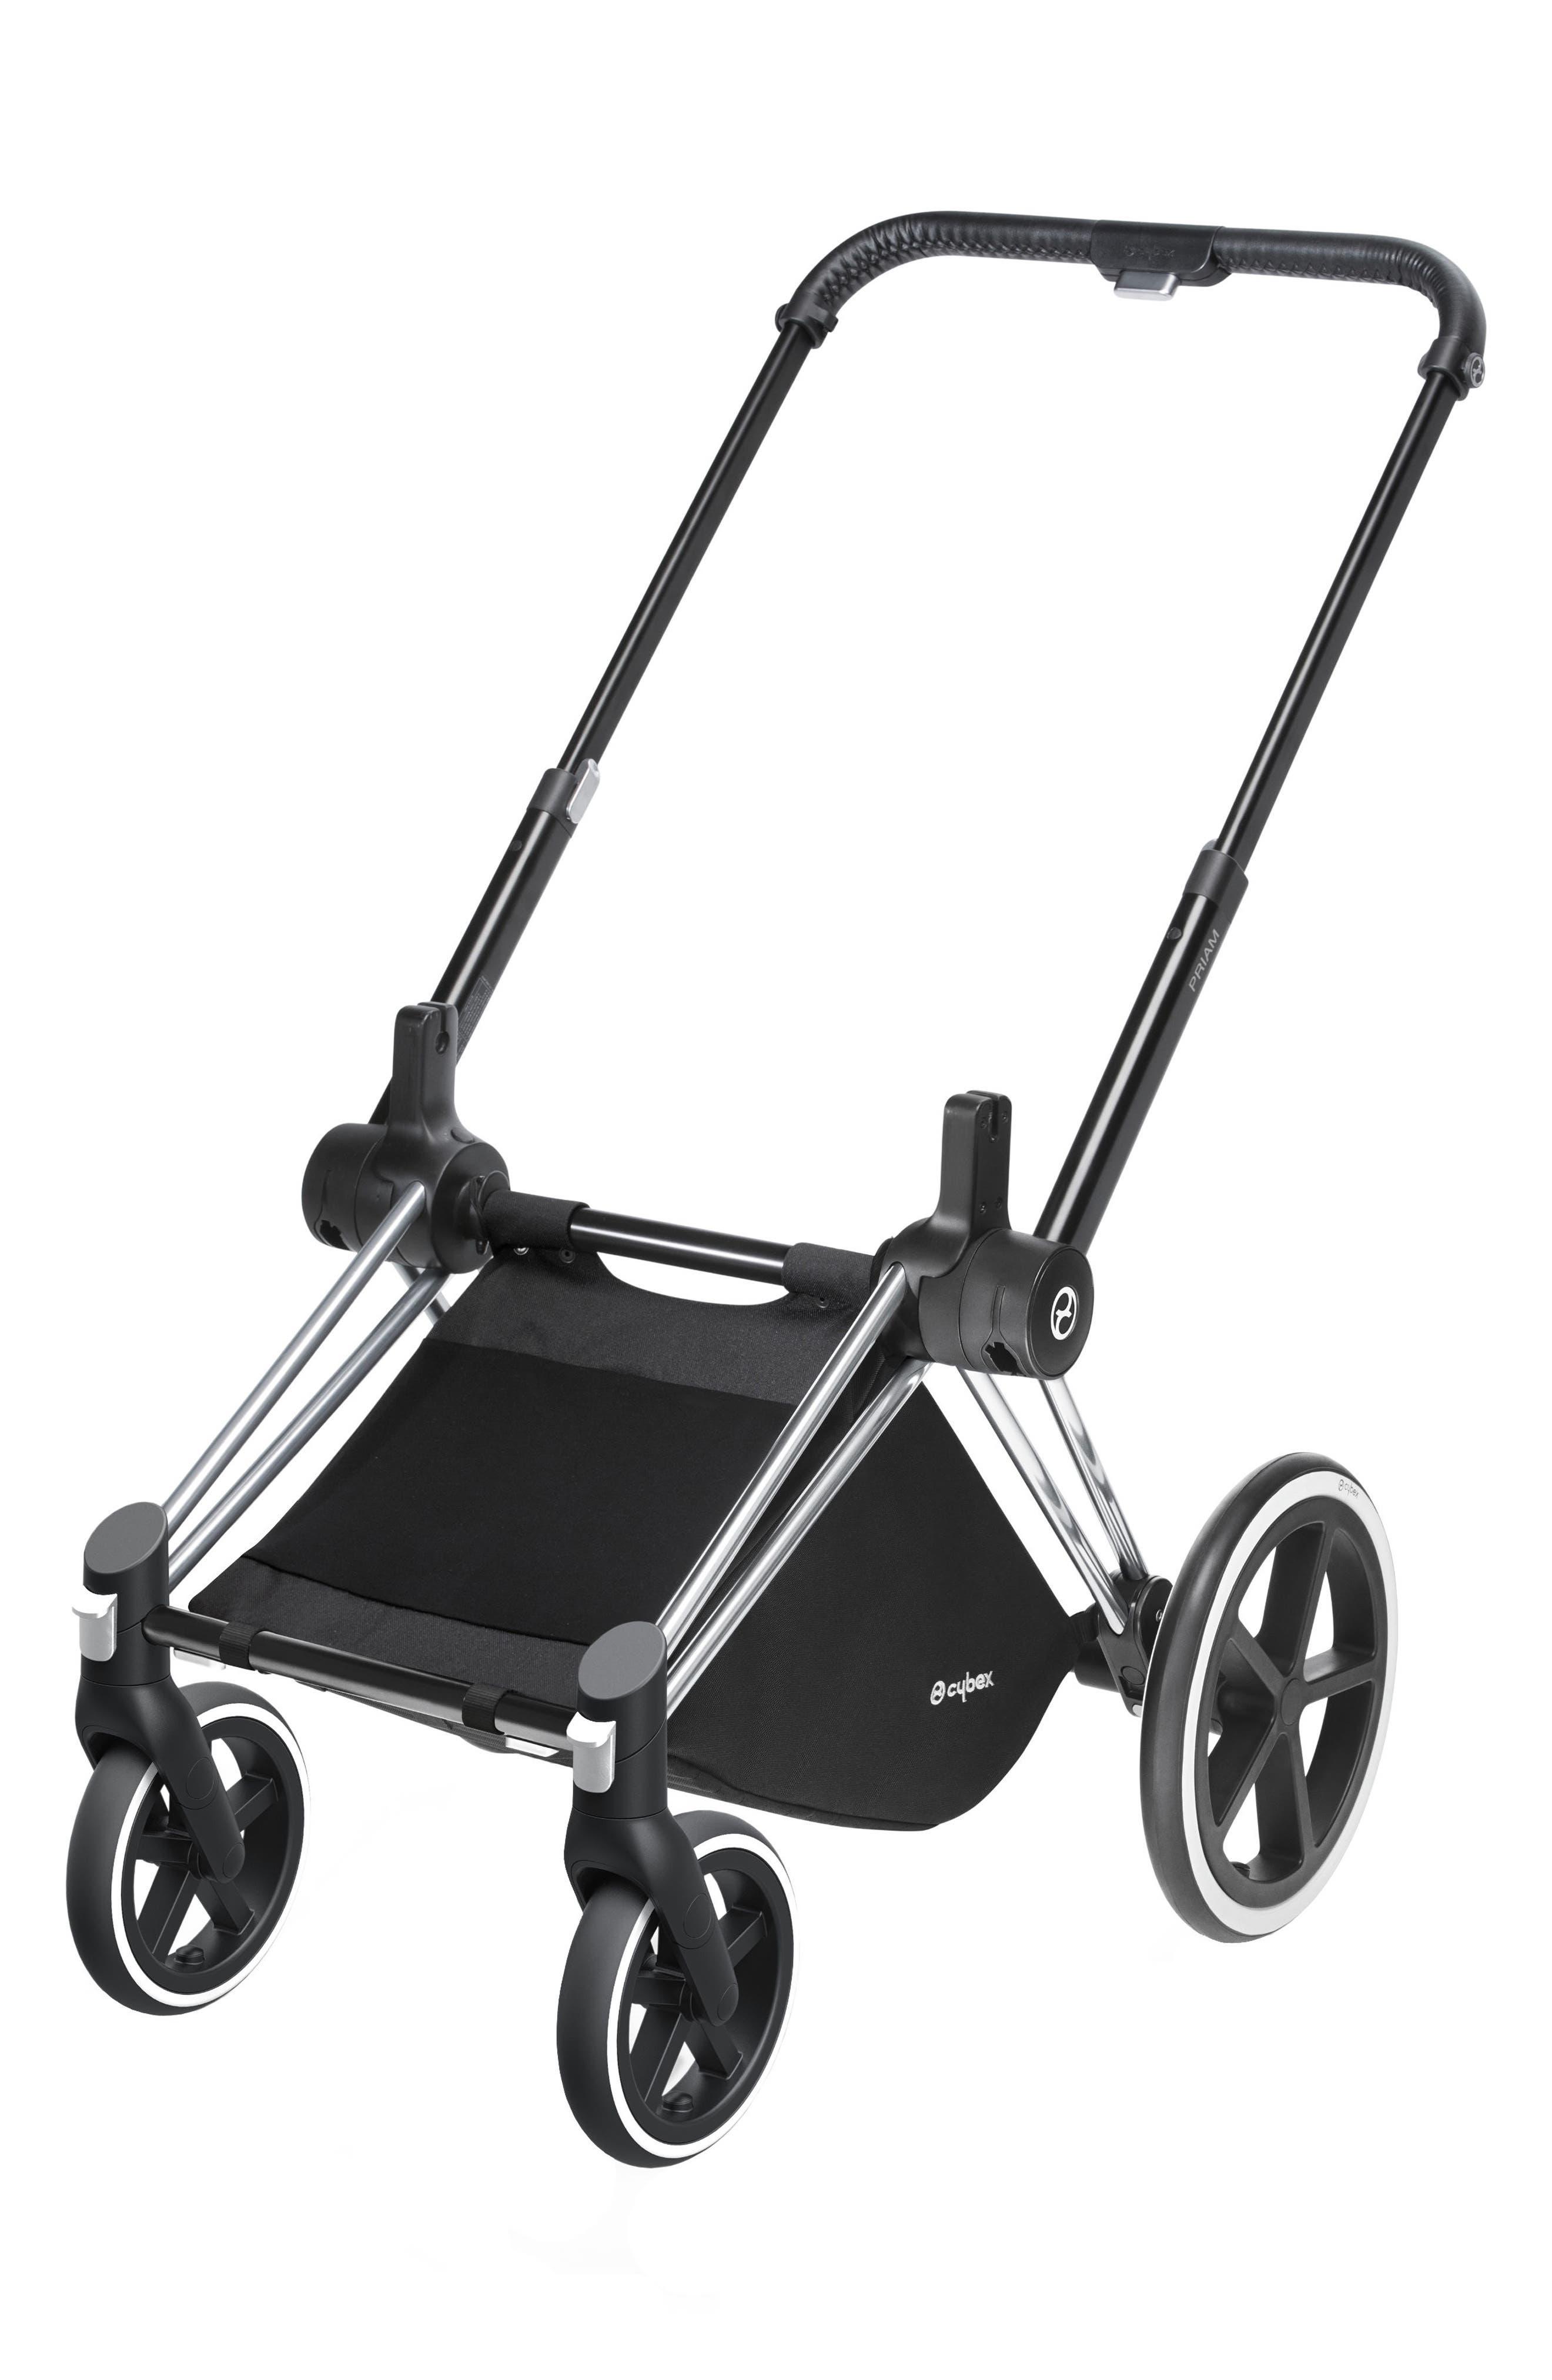 CYBEX Priam Stroller Frame with Trekking Wheels